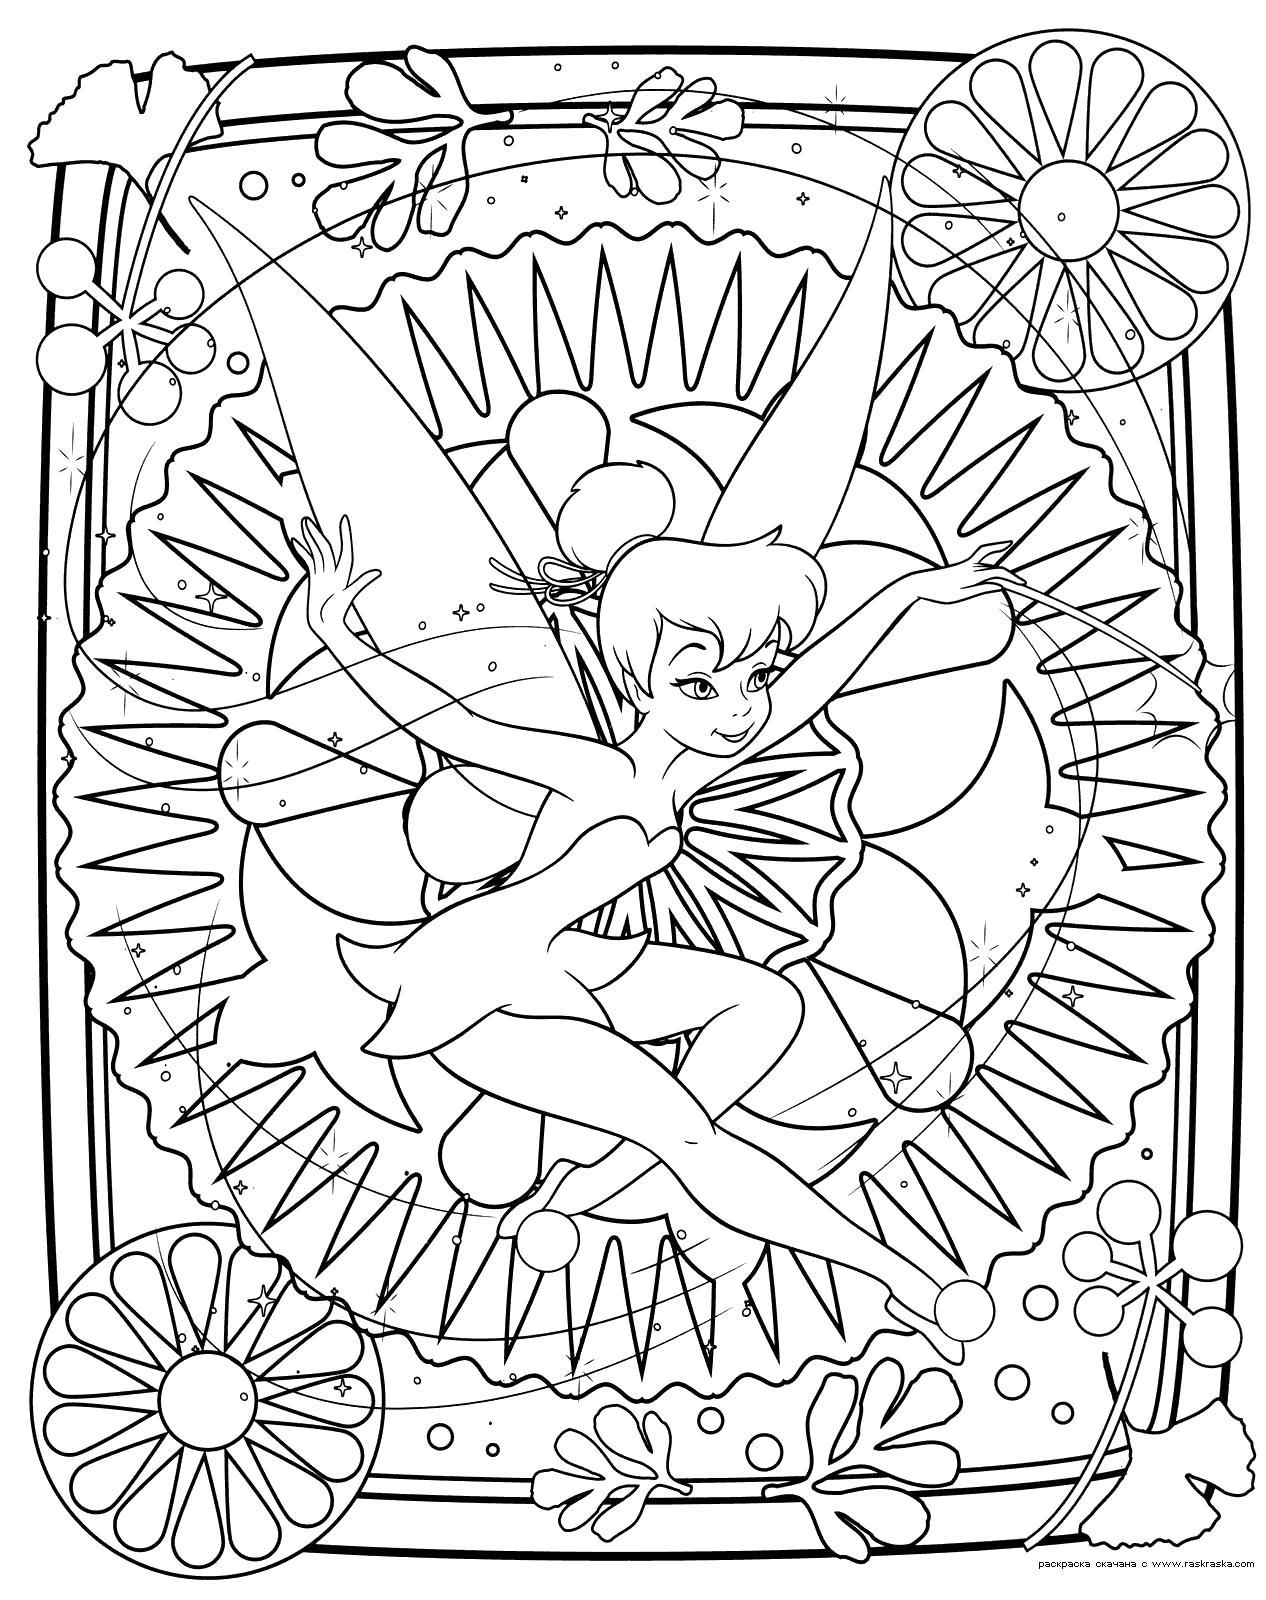 Раскраска   феи Динь-Динь.  Разукрашка из мультфильма Феи.  для девочек Динь-Динь - это маленькая фея. Скачать фея.  Распечатать мифические существа